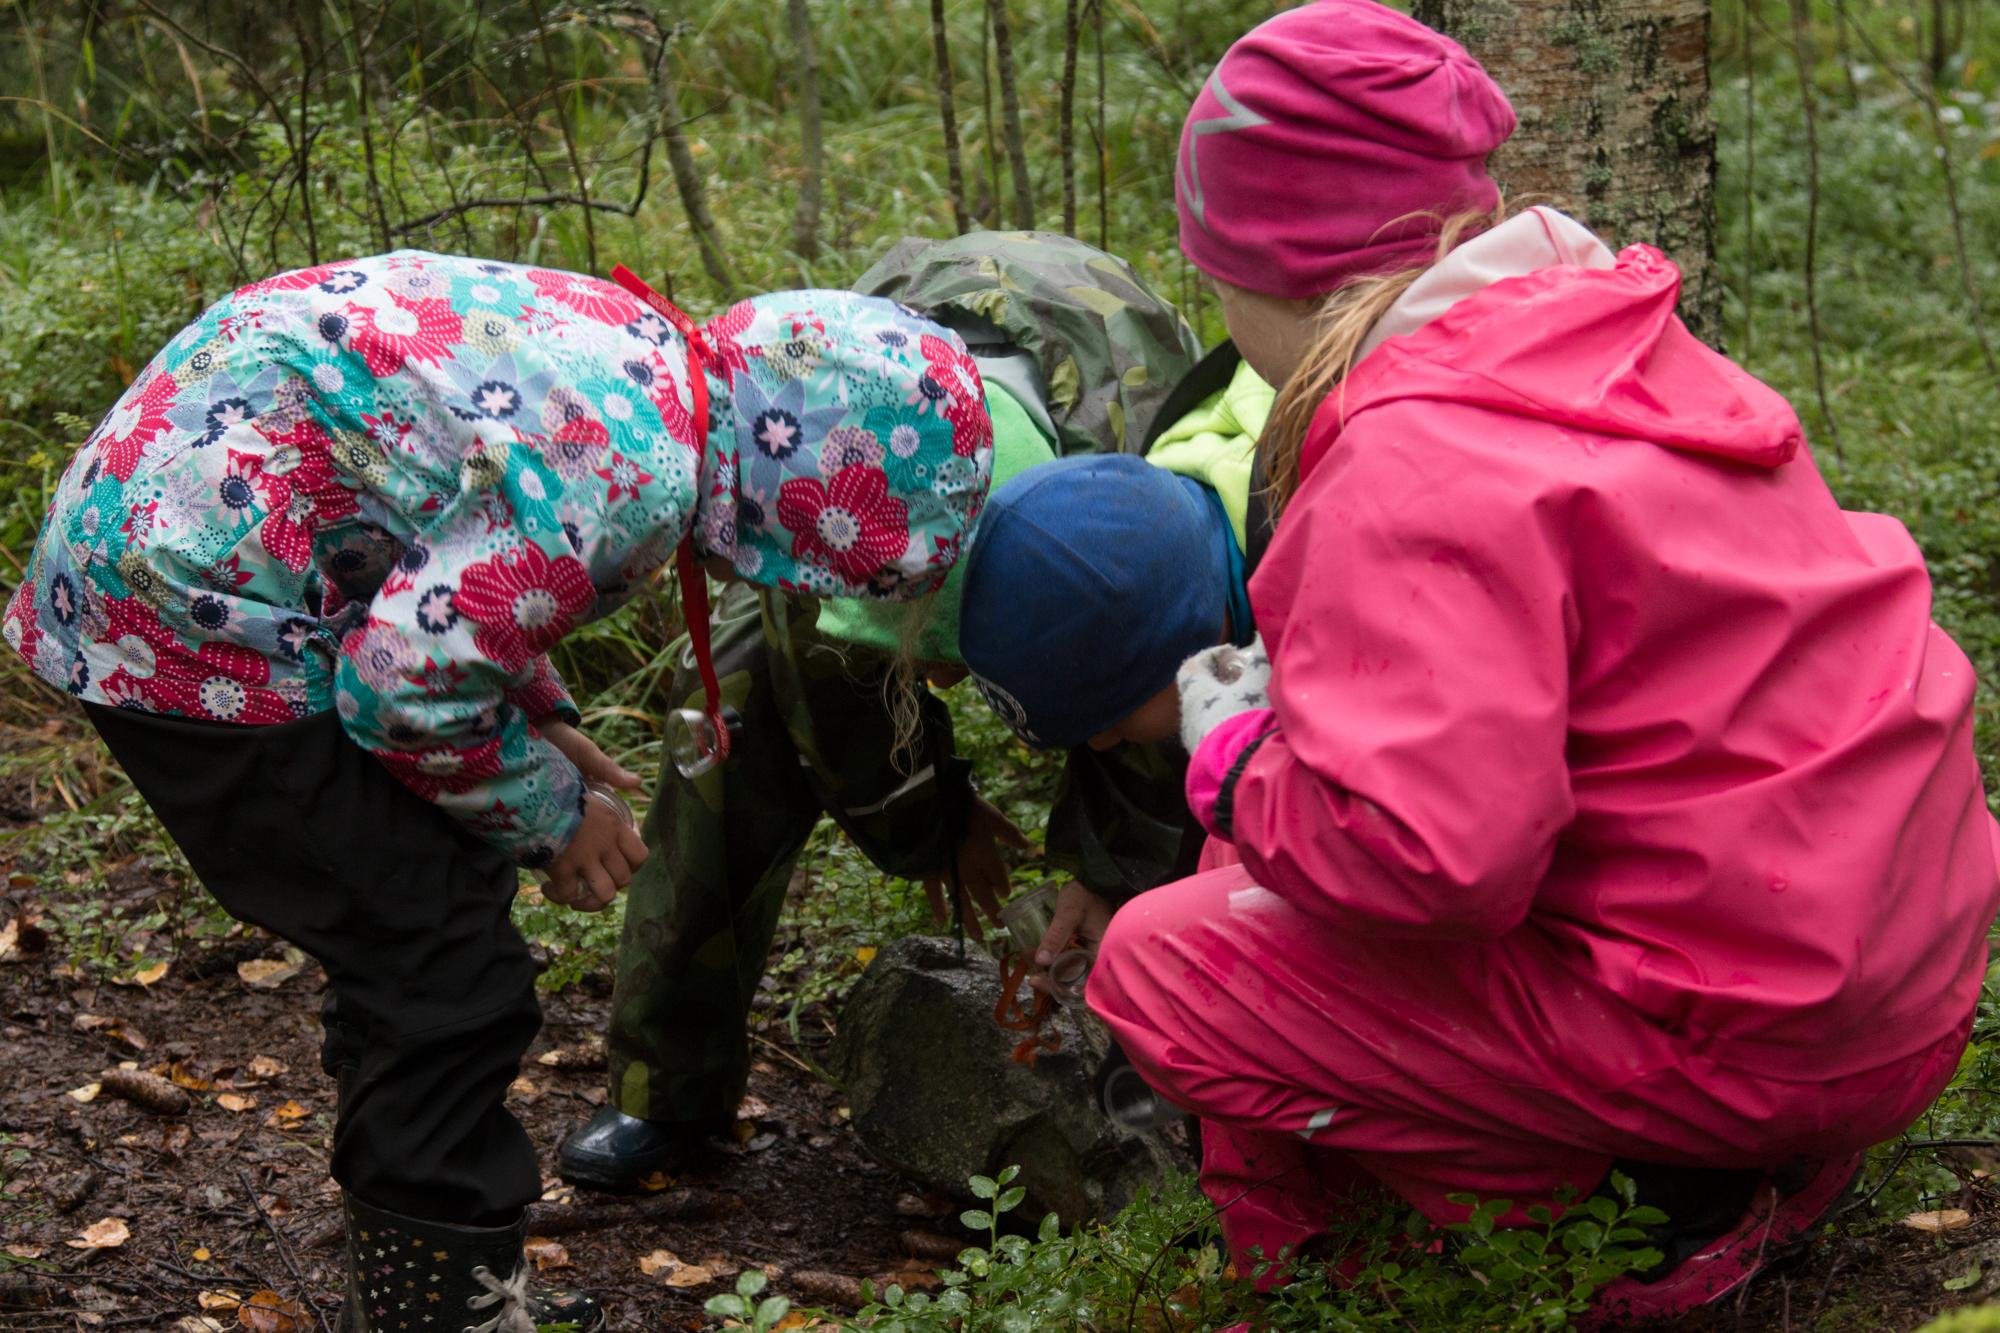 Tutkimus vahvistaa: Ulkona luonnossa saavutetaan parempia oppimistuloksia